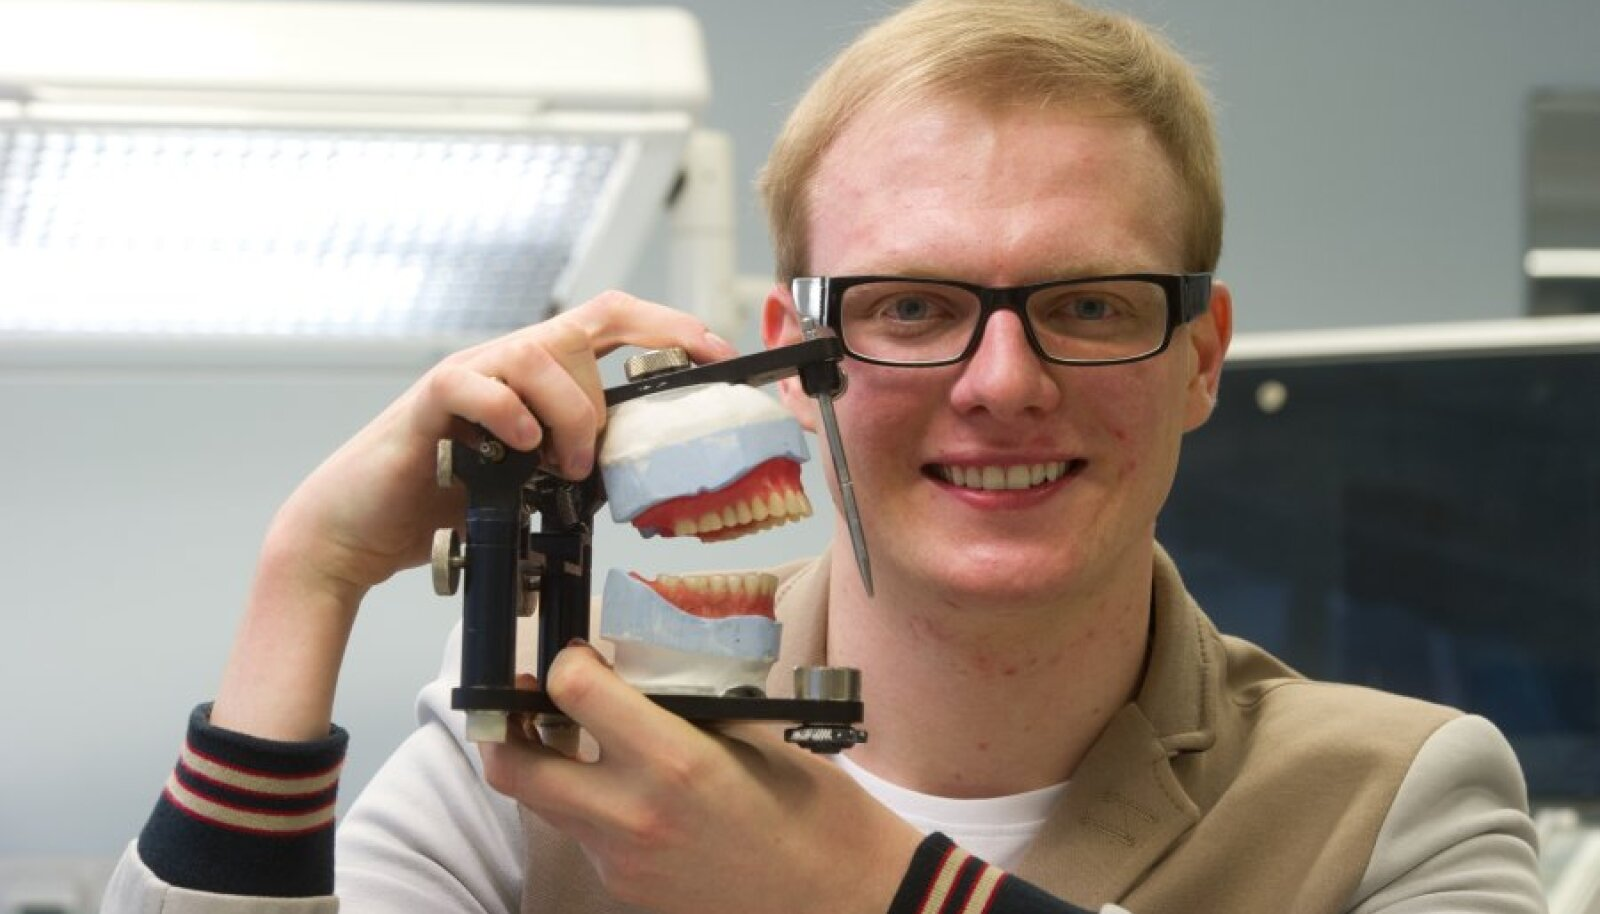 Tallinna tervishoiu kõrgkooli tudeng Kristjan Järve ütleb, et peab õppimisele pühendumist väga oluliseks.